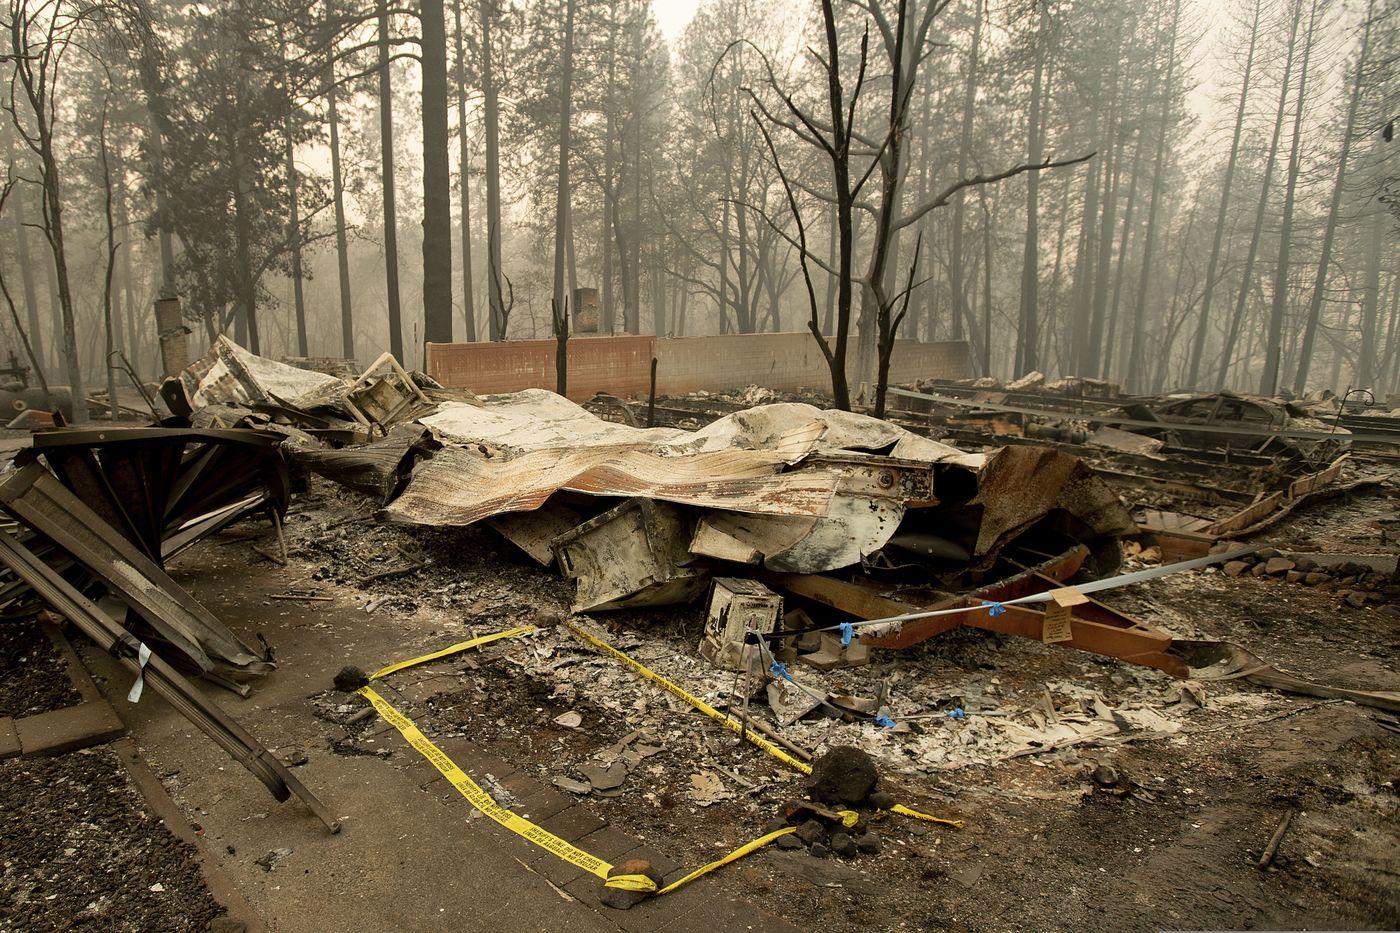 2018 yılında iklim değişikliği kaynaklı hava olaylarında milyonlarca insanı etkileyen felaketler yaşandı